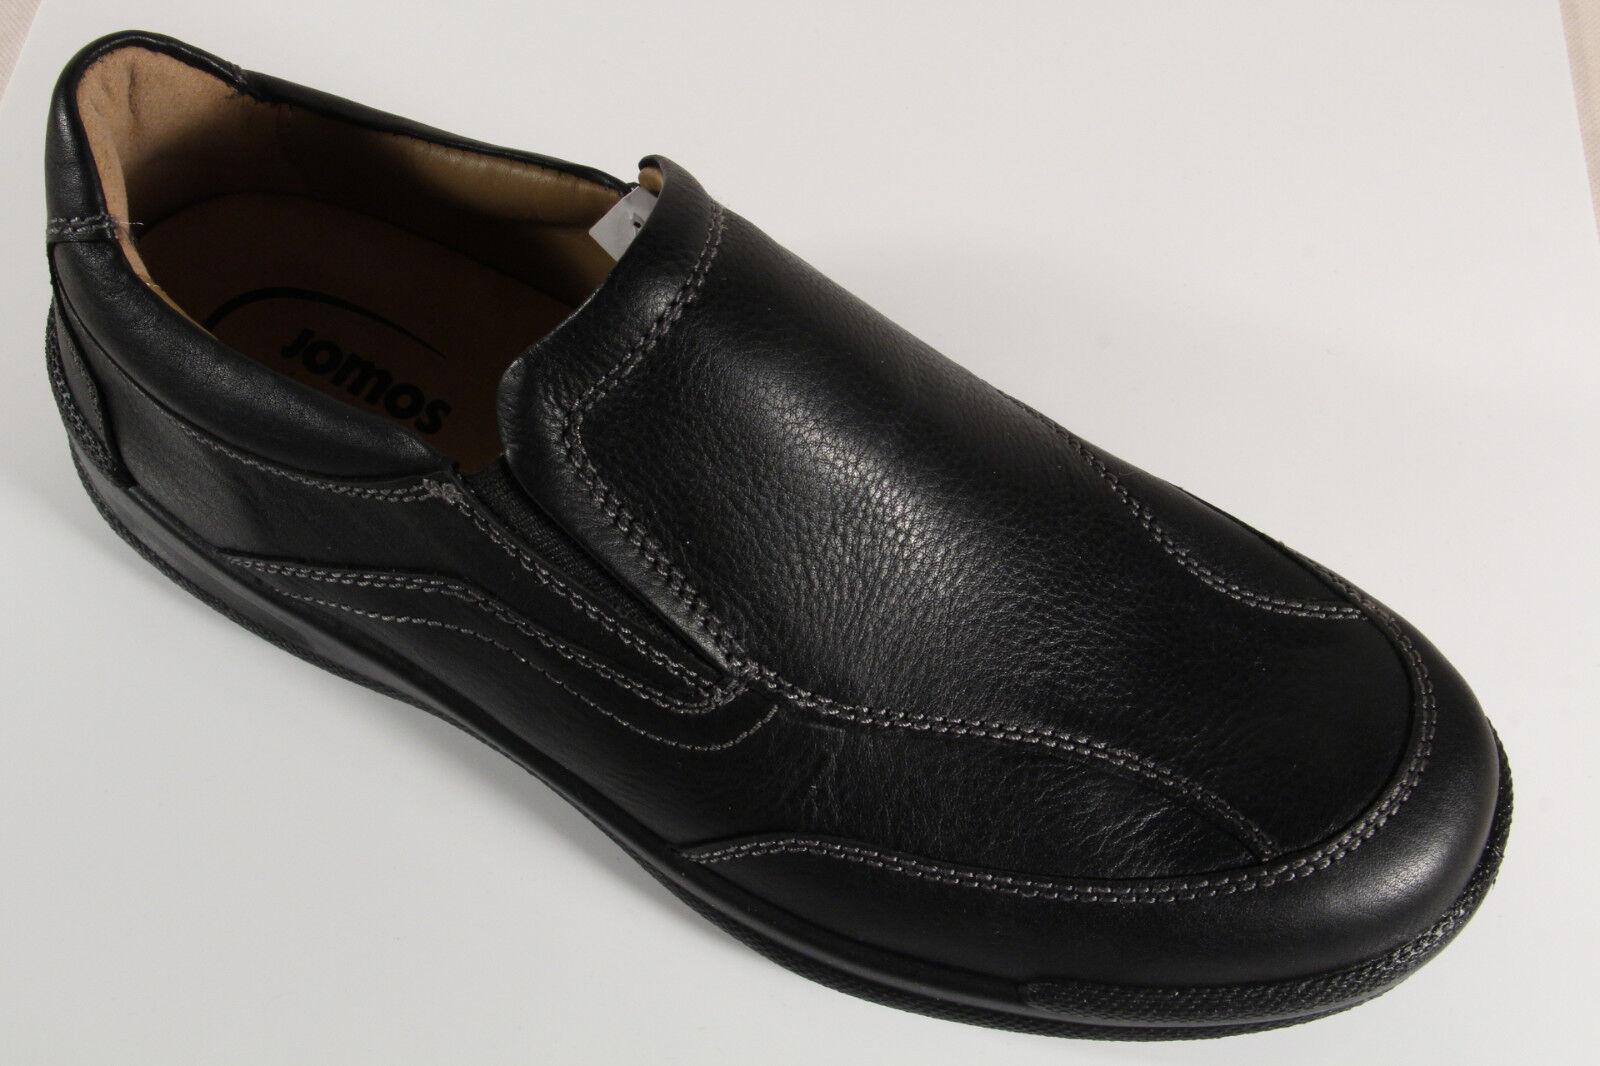 Jomos Slipper Halbschuhe Sneakers schwarz Leder für lose Einlagen geeignet  NEU